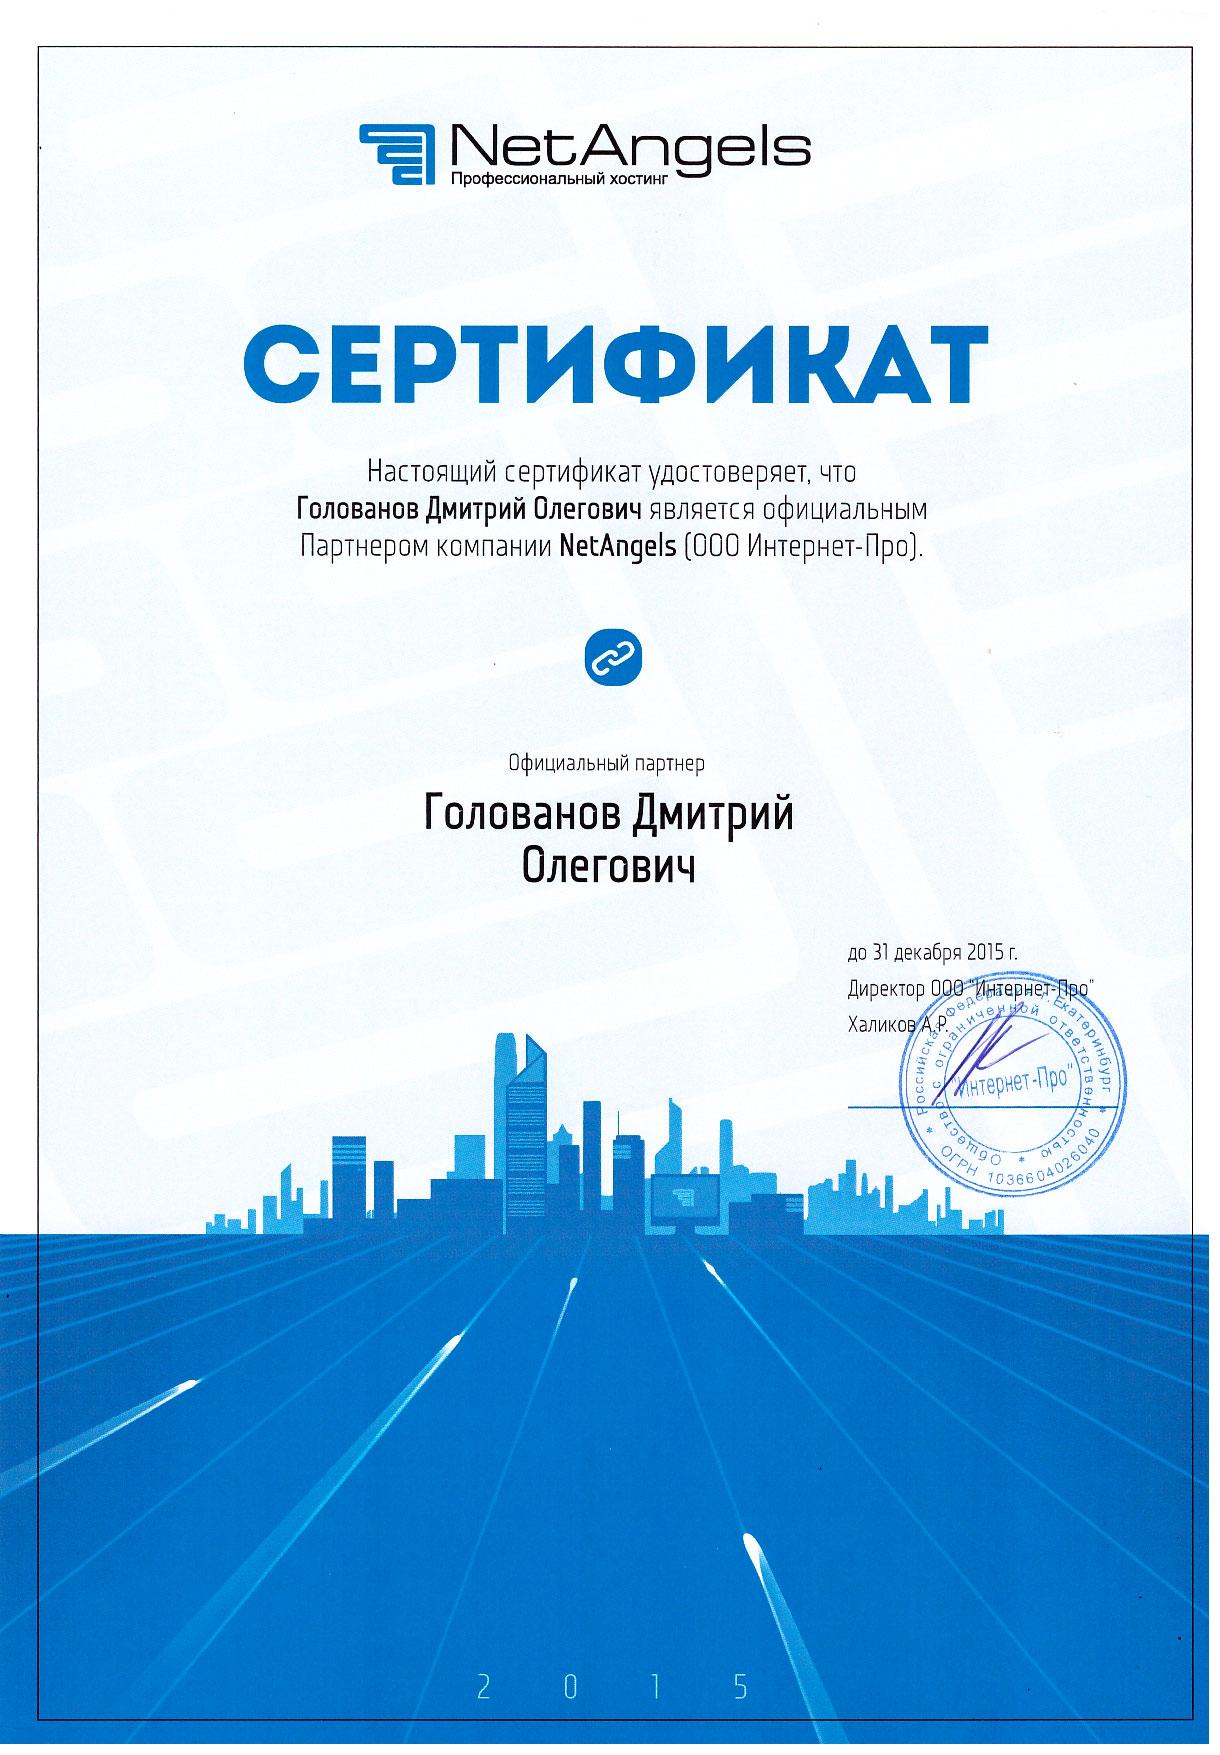 """Сертификатация по хостингу от компании """"NetAngels"""""""